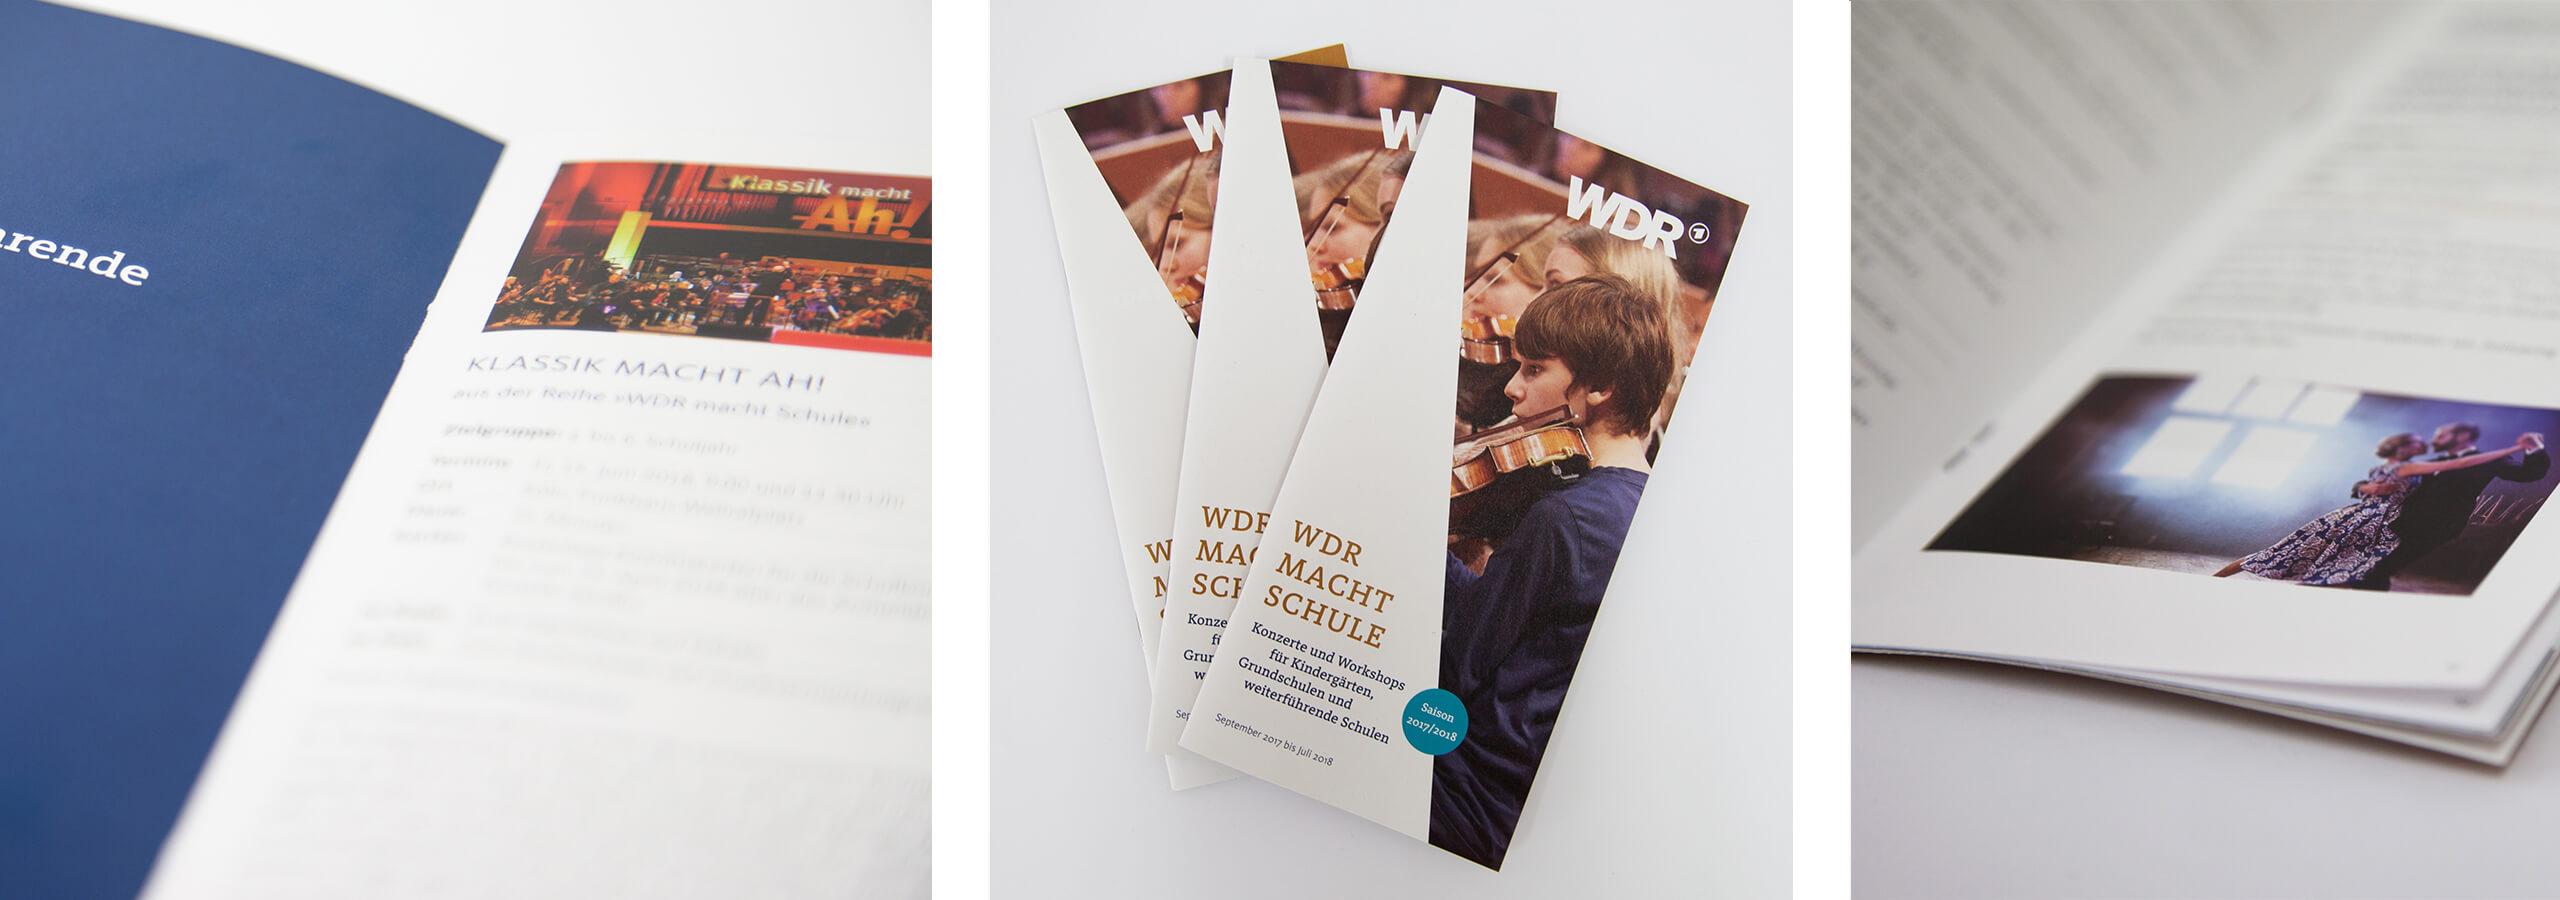 deerns und jungs design, Corporate Design Agentur Köln, Werbeagentur Köln, gestaltet Werbe-Flyer und Programmflyer für musikalisches Angebot des WDR.